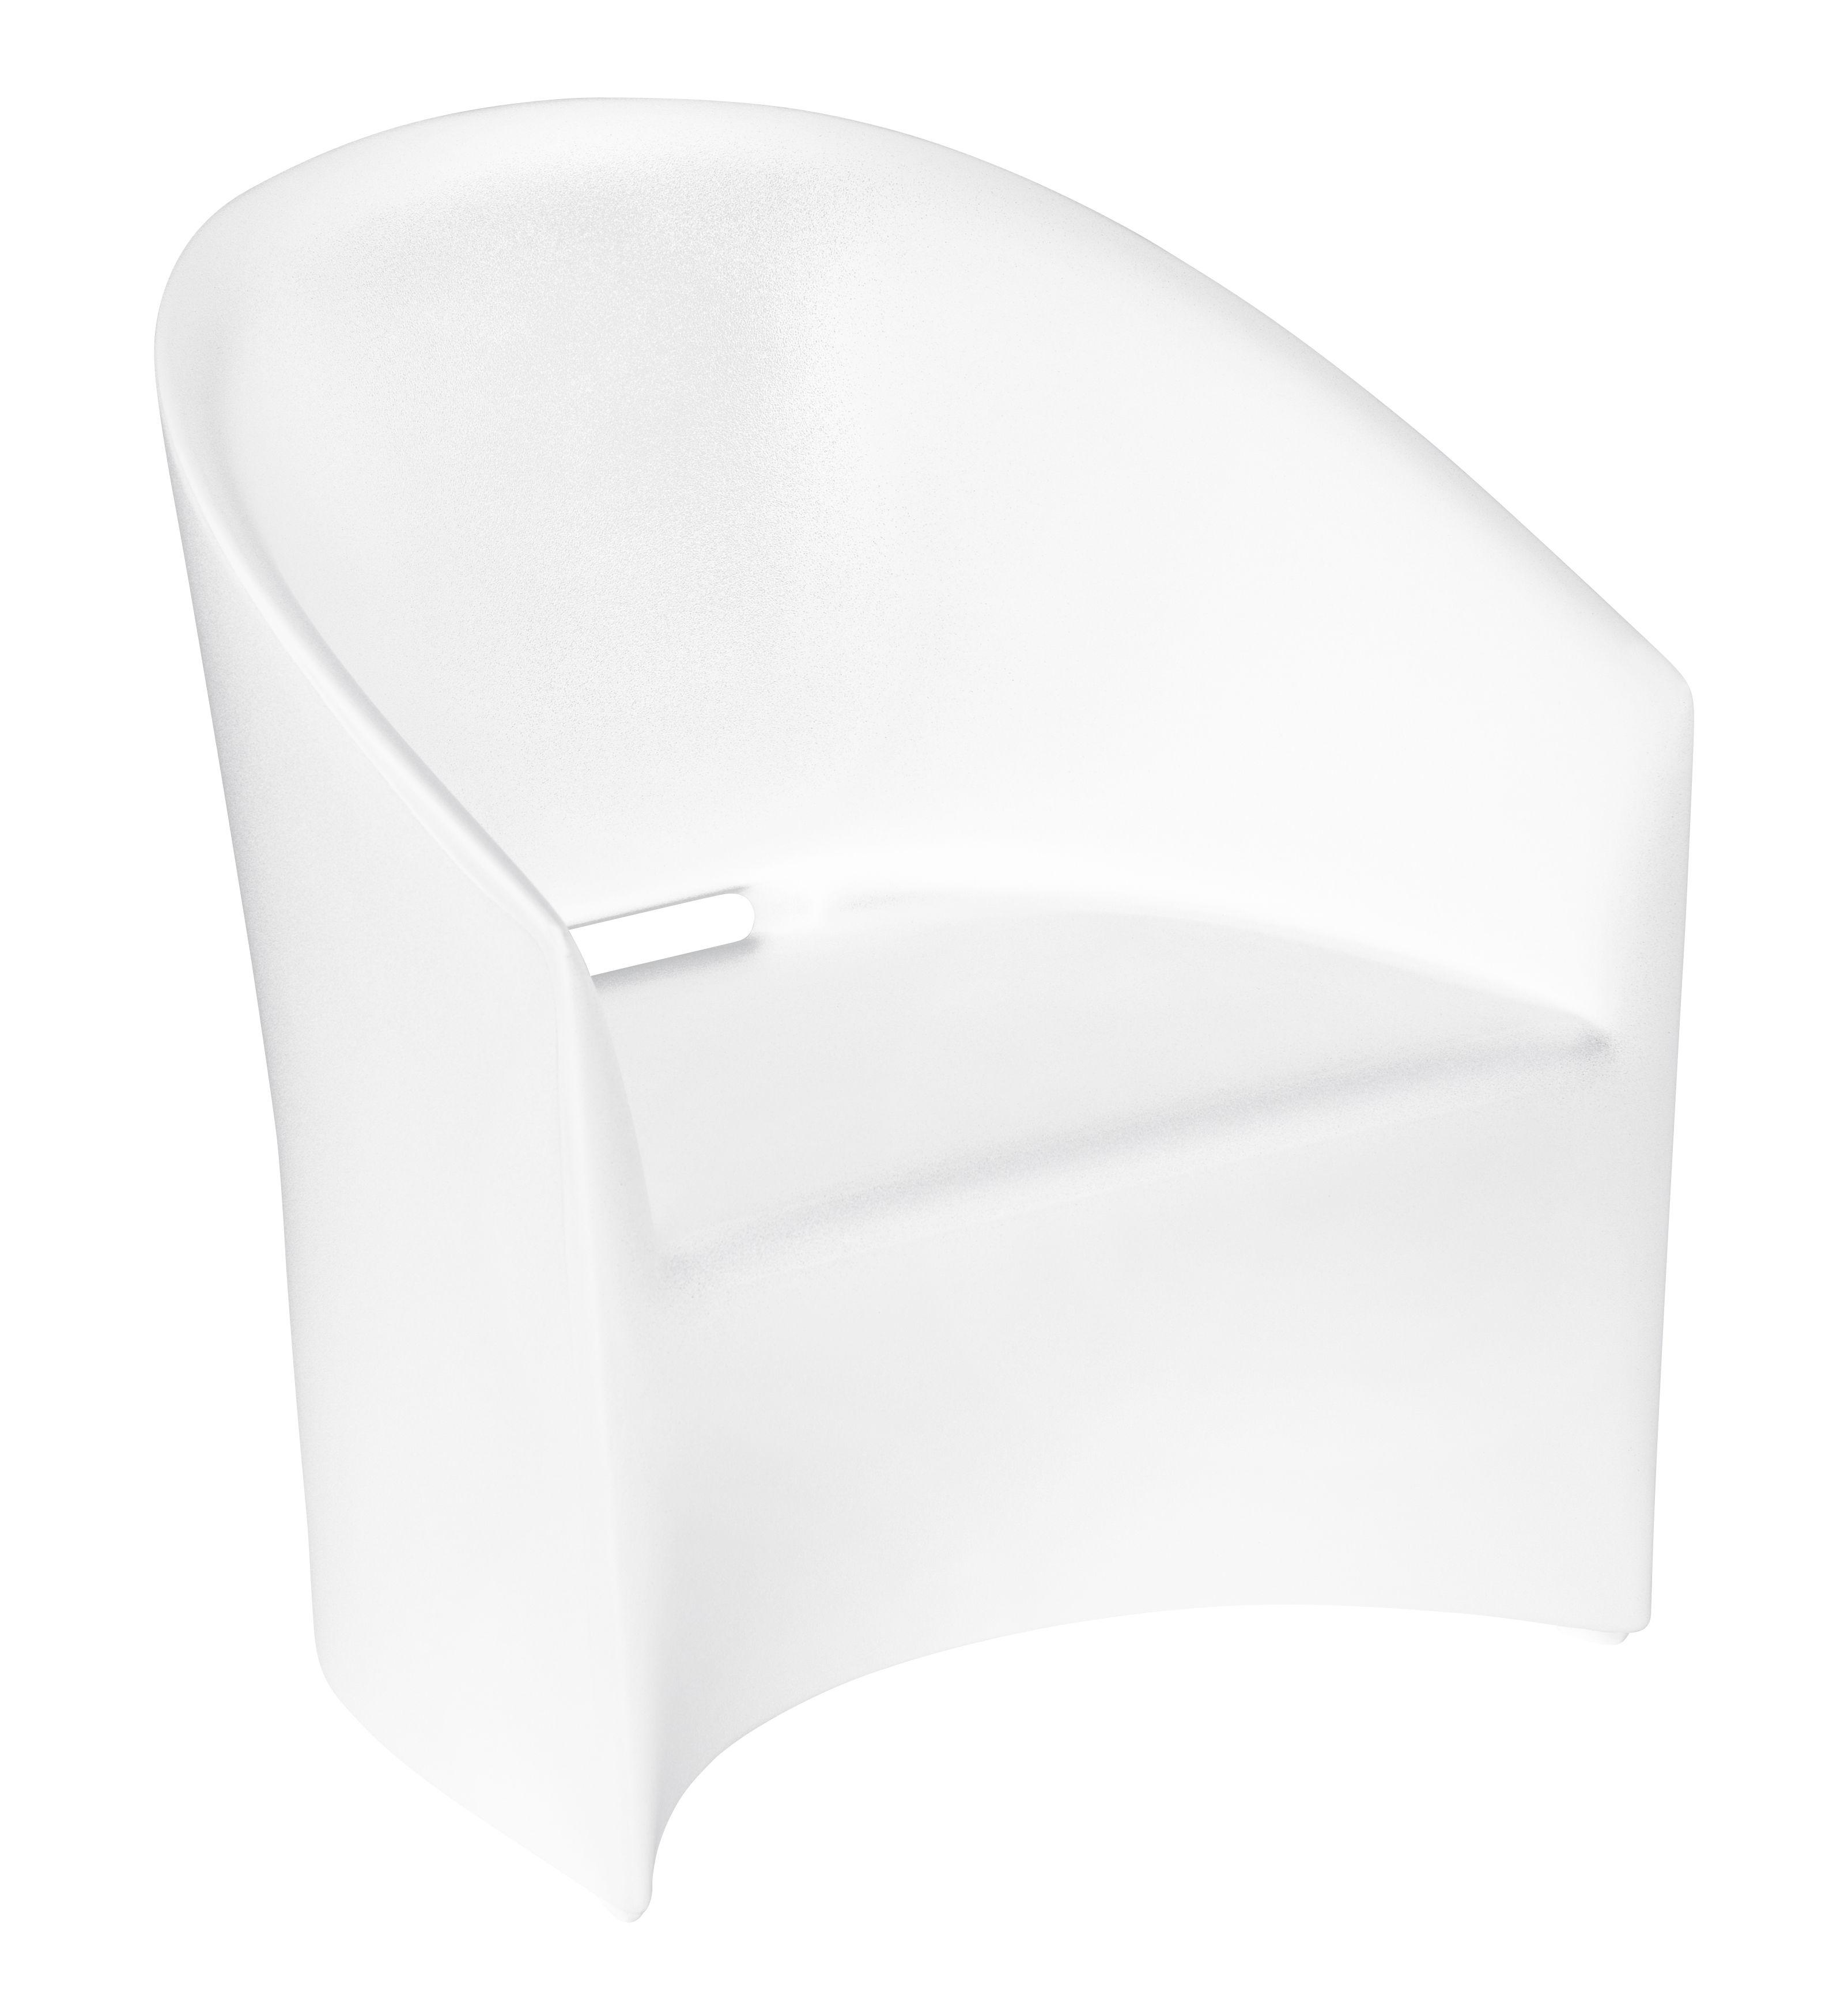 Mobilier - Fauteuils - Fauteuil PineBeach / Intérieur-extérieur - Serralunga - Blanc - Polyéthylène